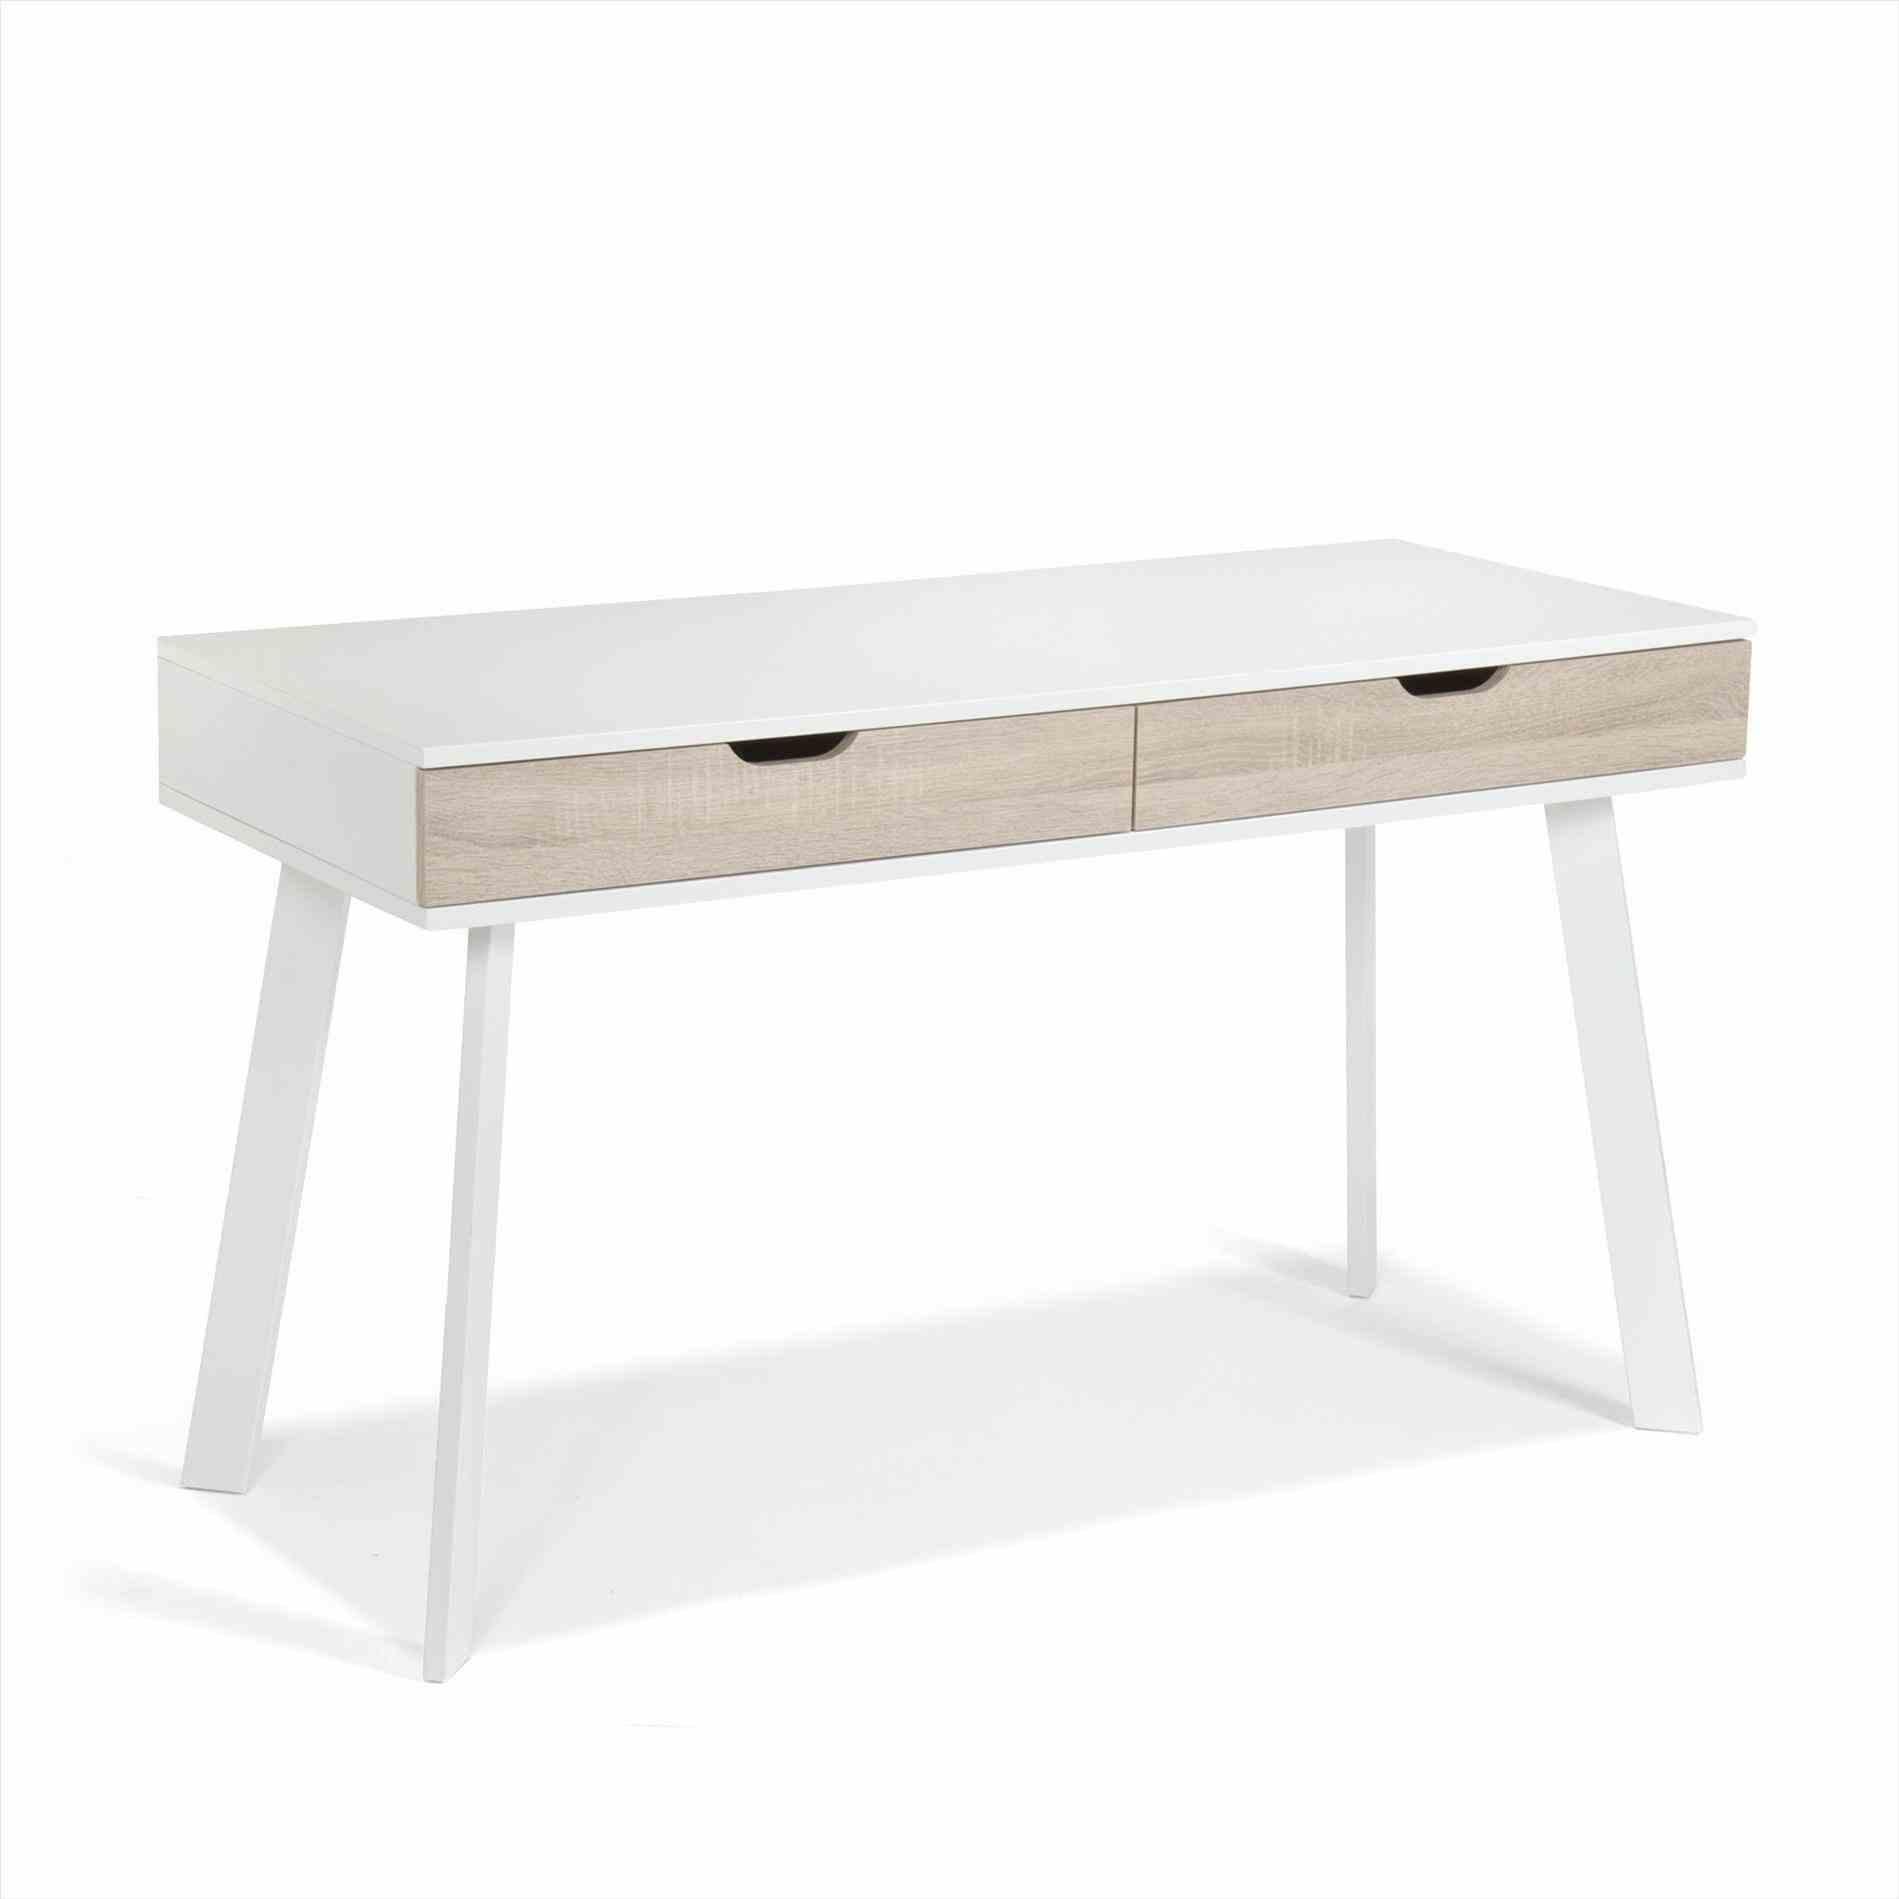 Vert Baudet Fille Impressionnant Photographie Bureau Junior Fille 12 Ecolier Blanc En Collection Avec Ikea Des